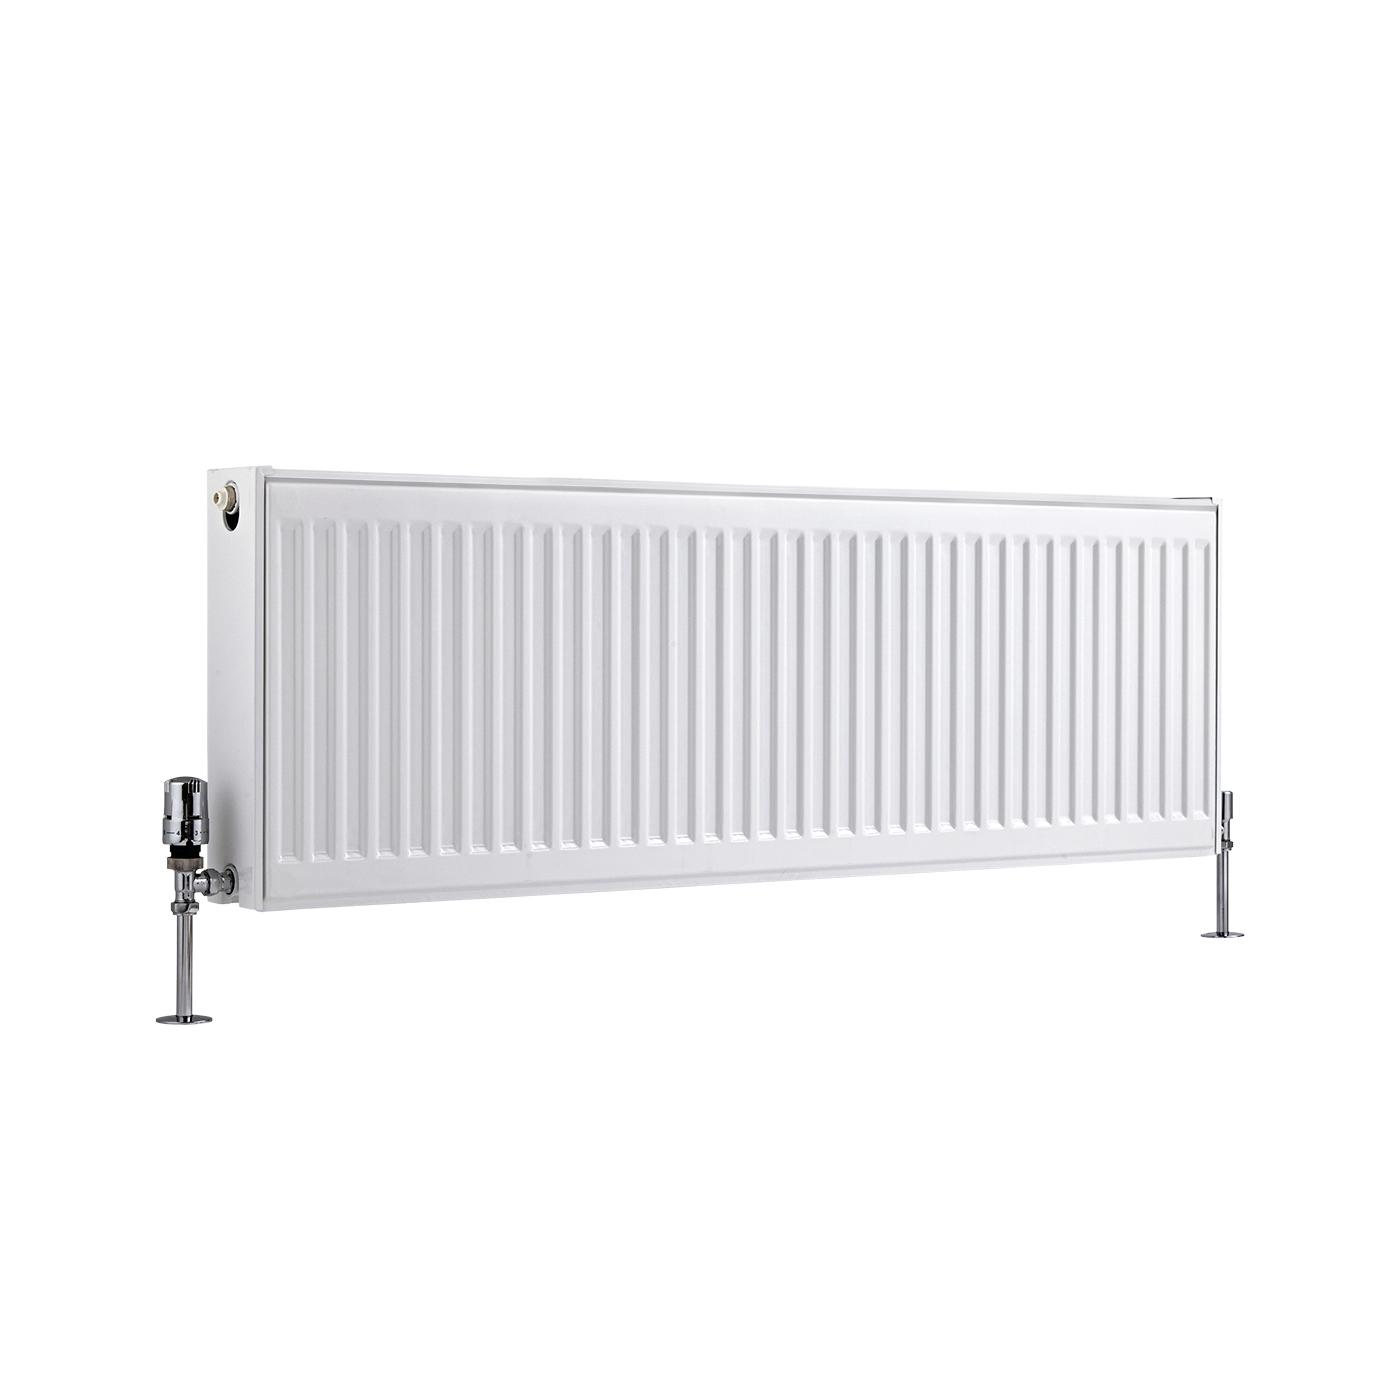 Kompaktheizkörper Horizontal Typ 22 Weiß 400mm x 1200mm 1387W - Eco